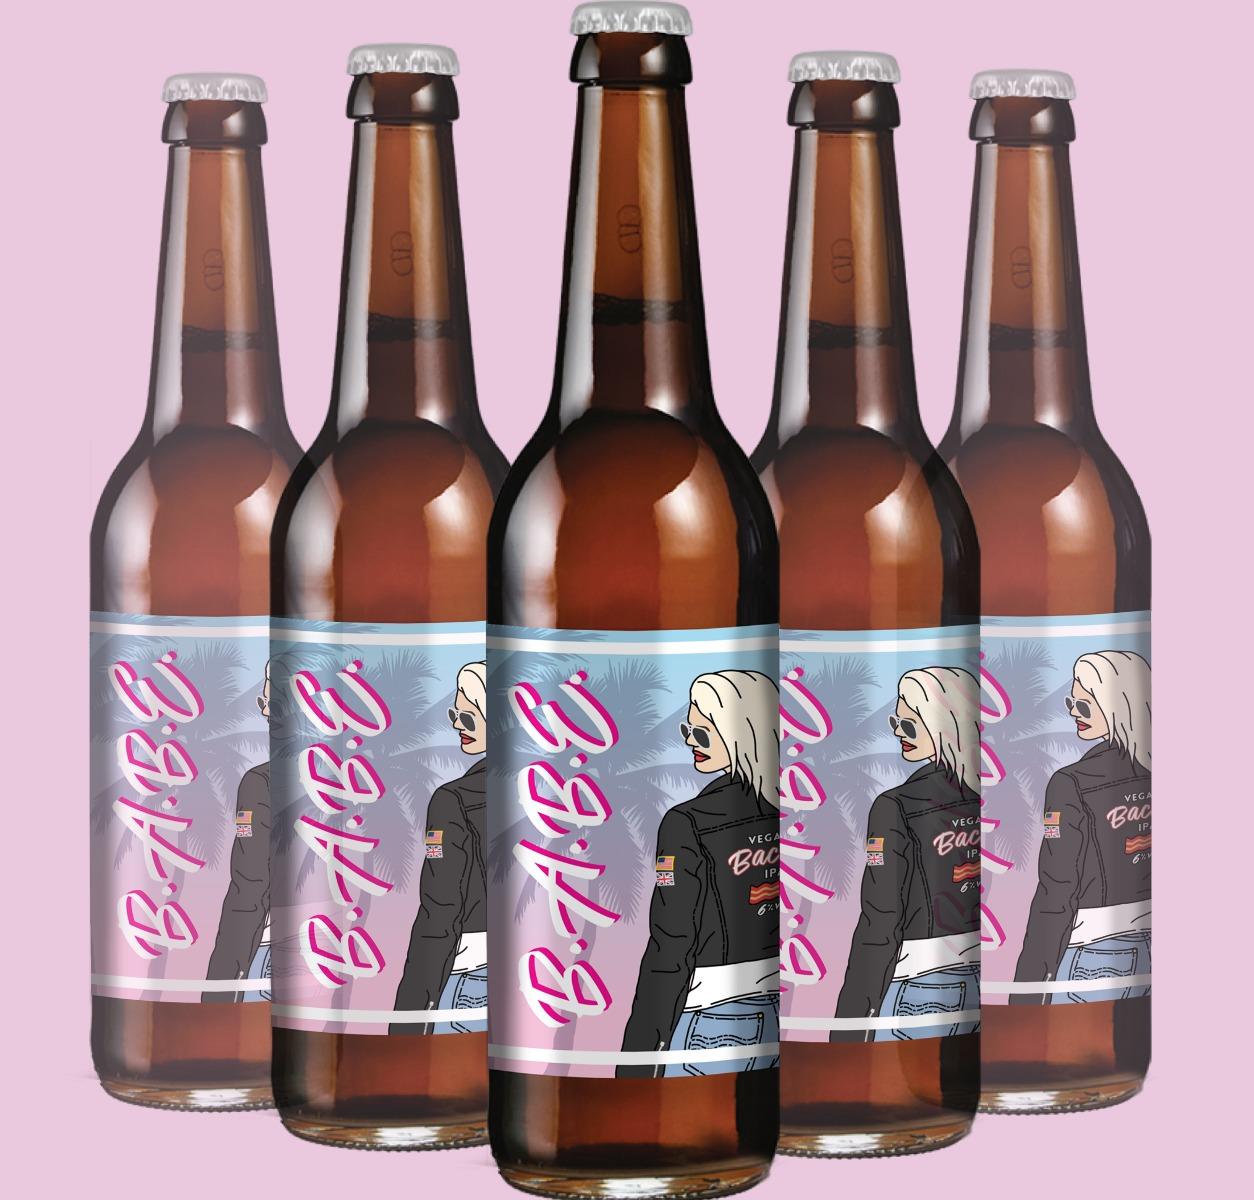 babe ipa bottles